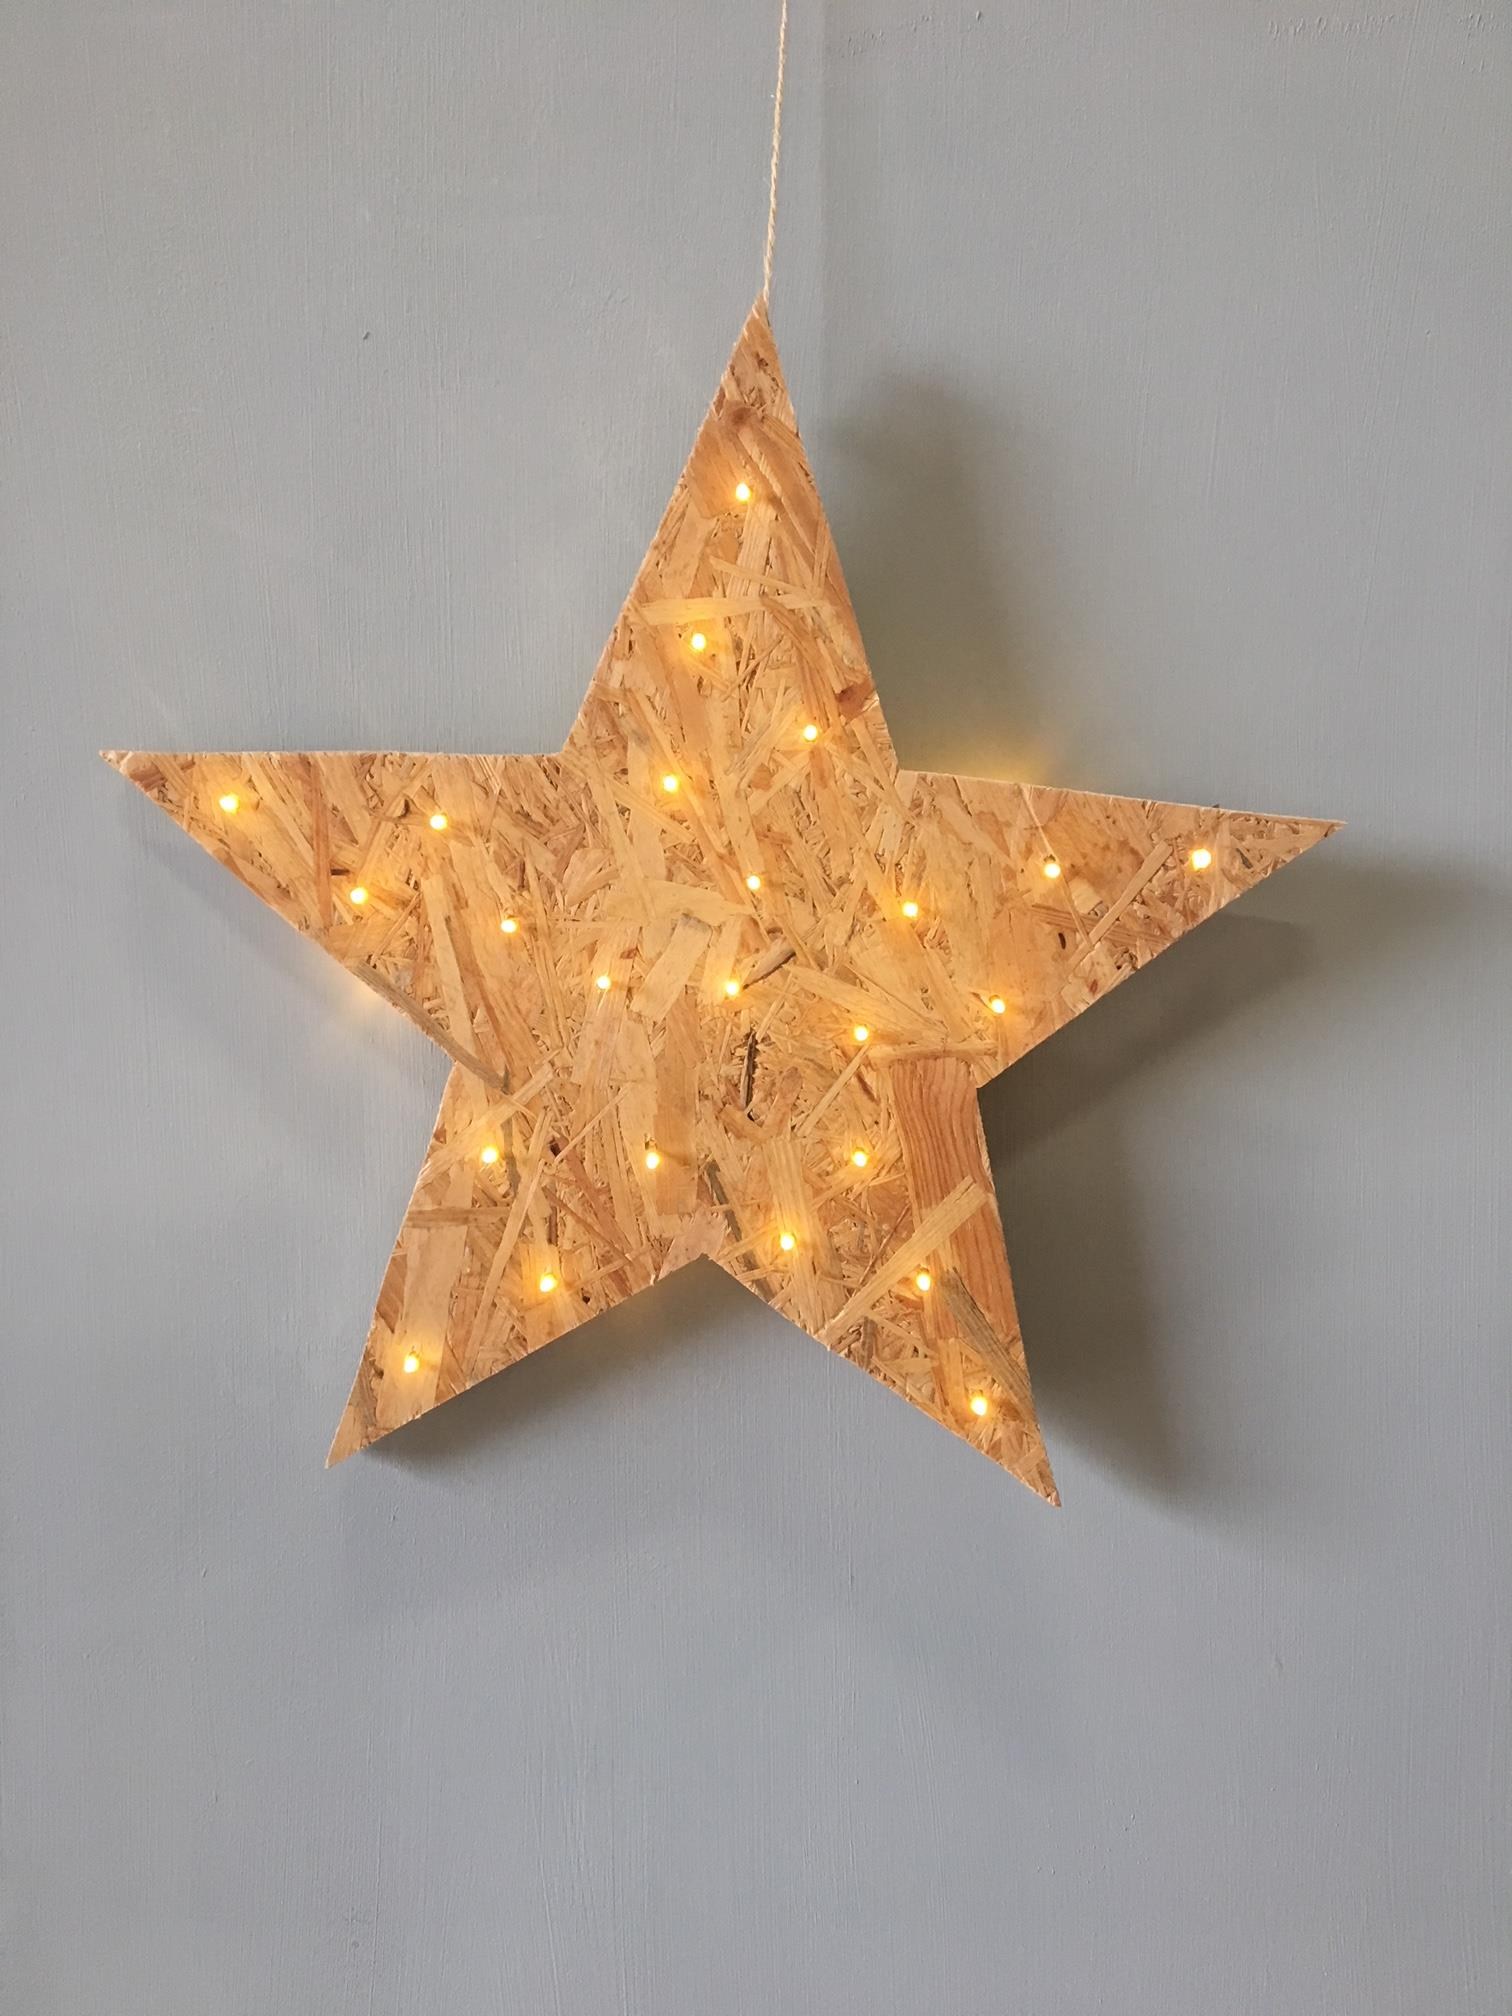 Doe het zelf projectje: ster met verlichting - Klus & Wooninspiratie